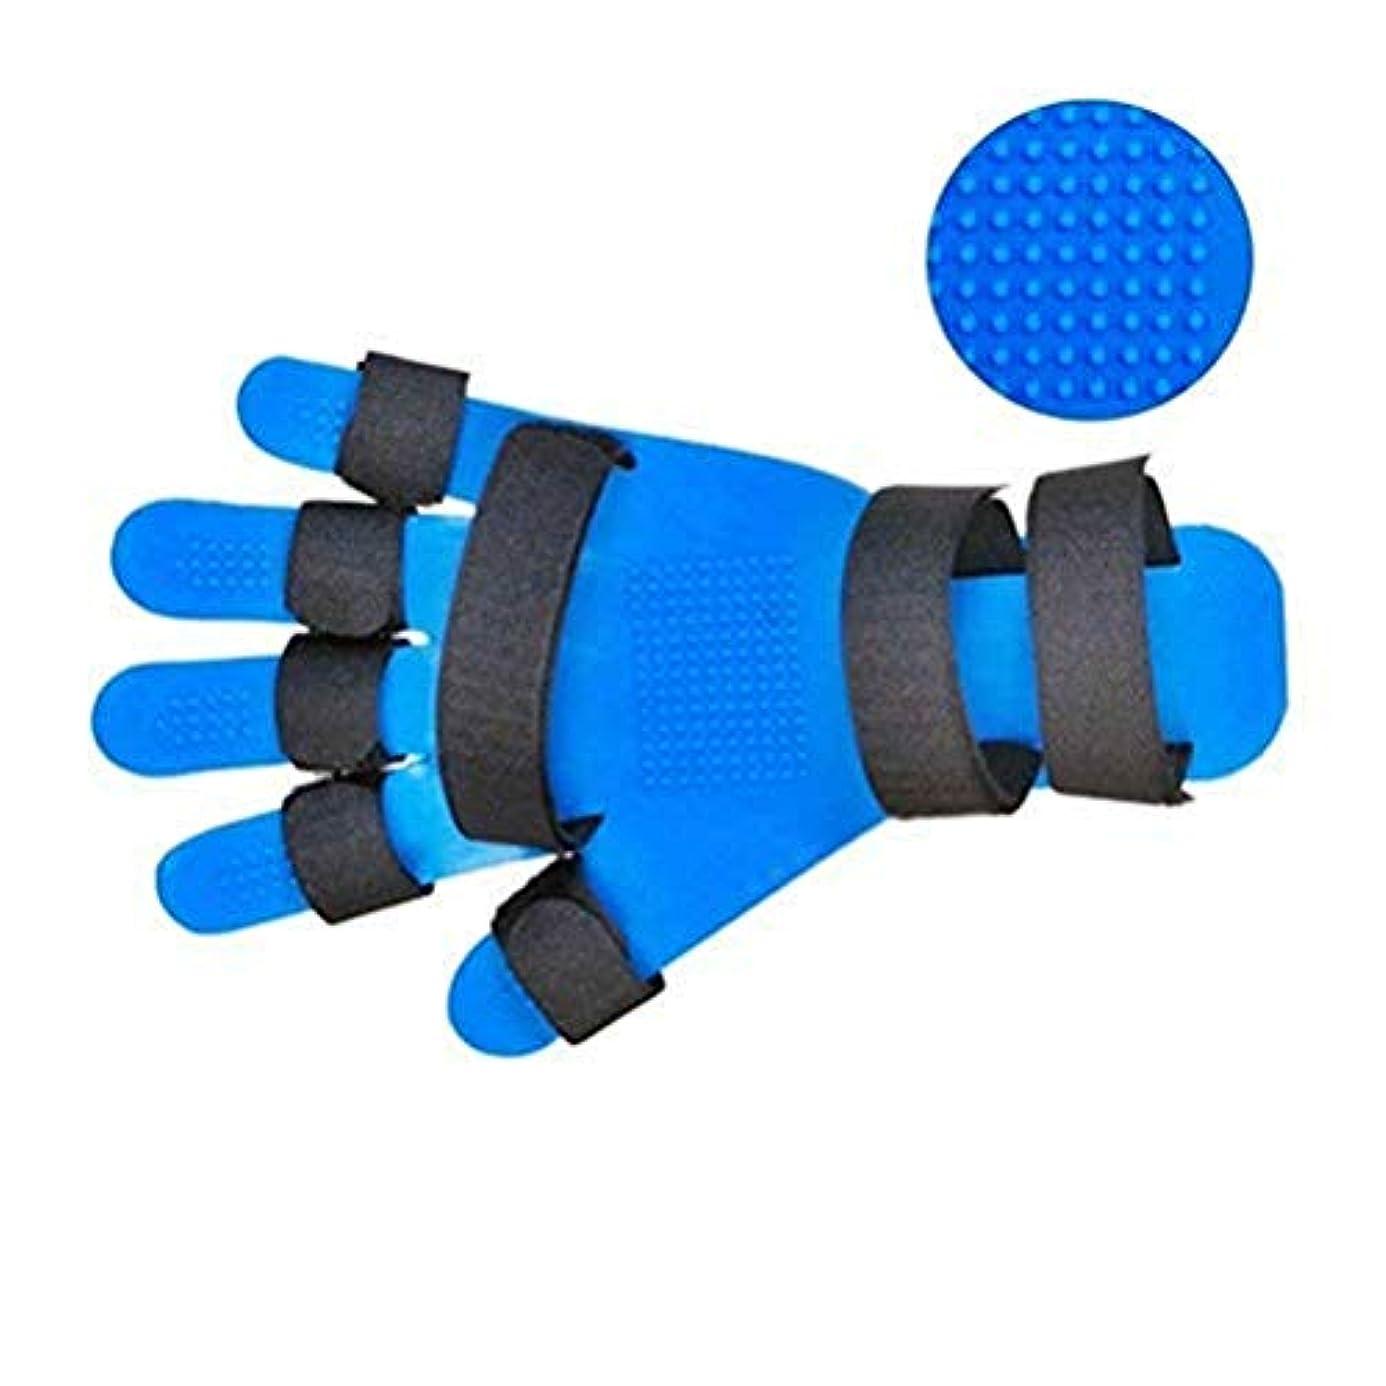 大惨事いらいらするヘビーフィンガースプリントフィンガー拡張スプリント、指の骨折、傷、手首のトレーニング装具のために指セパレーターインソール